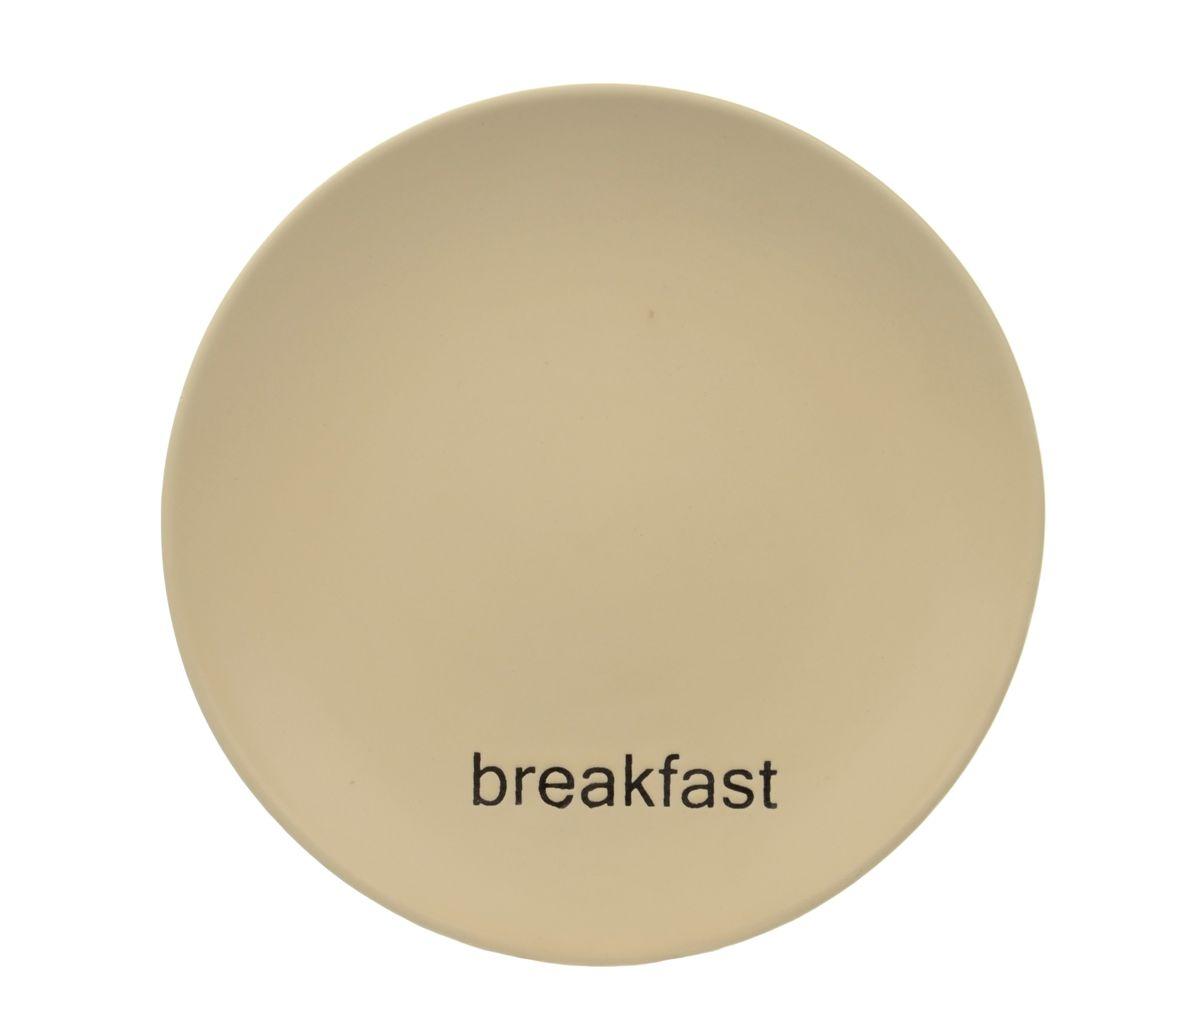 Тарелка Wing Star Breakfast, диаметр 18 смLJ2085-MPB3Тарелка Wing Star Breakfast изготовлена из высококачественной керамики. Предназначена для красивой подачи завтраков. Изделие украшено надписью Breakfast. Такая тарелка украсит сервировку стола и подчеркнет прекрасный вкус хозяйки. Можно мыть в посудомоечной машине и использовать в микроволновой печи. Диаметр: 18 см. Высота: 2 см.